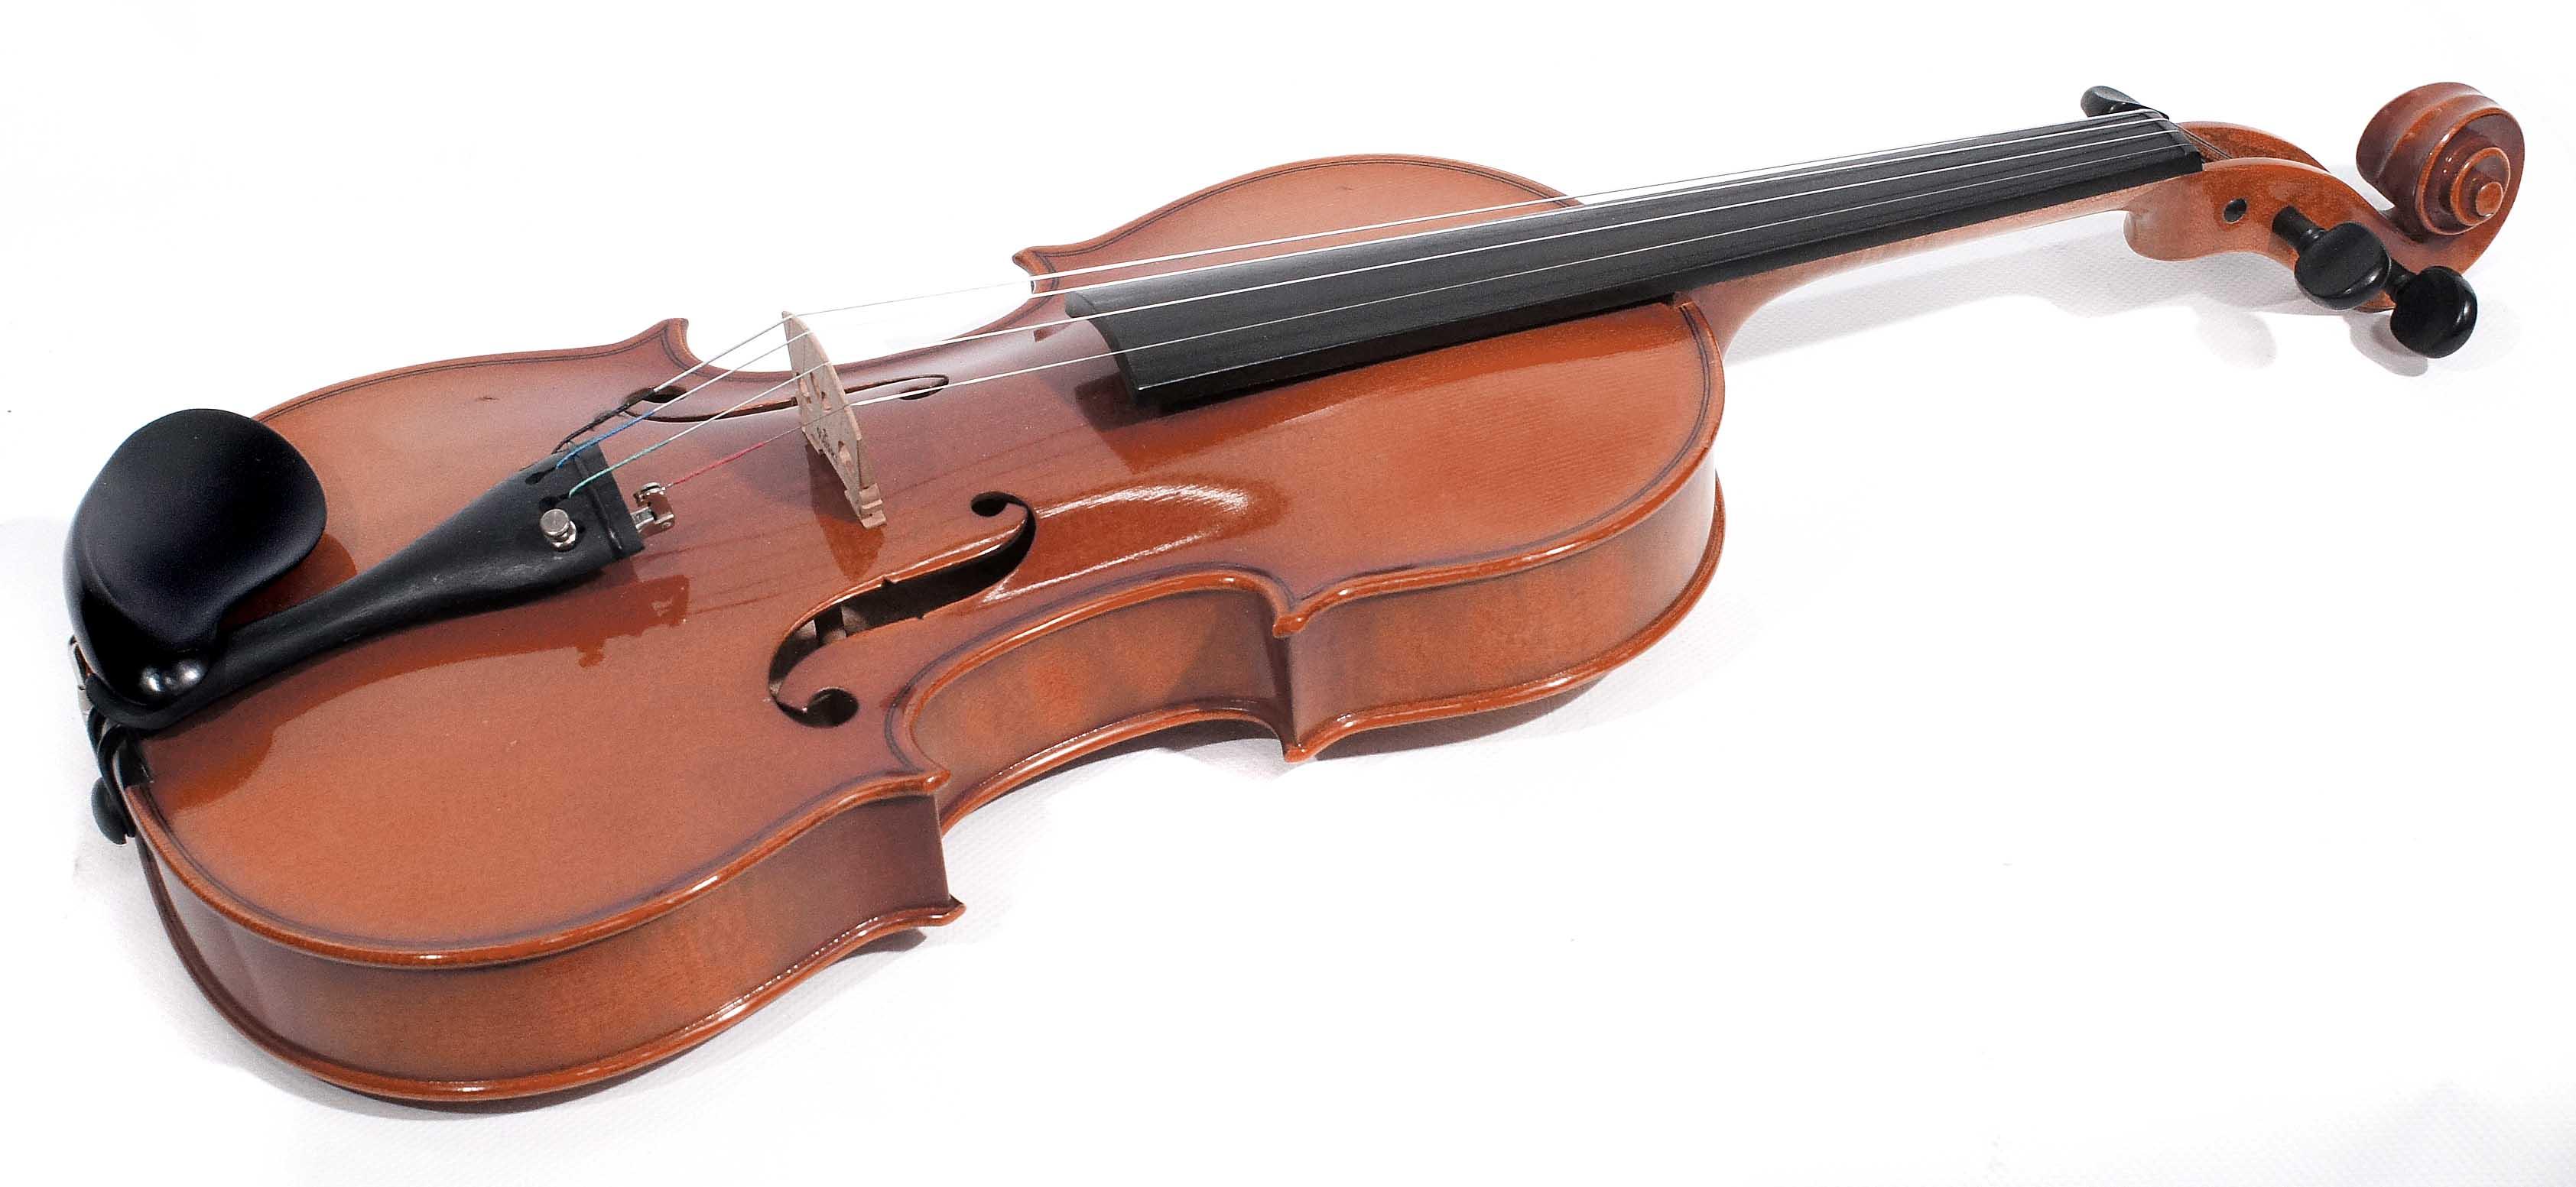 ранних картинки скрипка и смычок на телефон это горная система